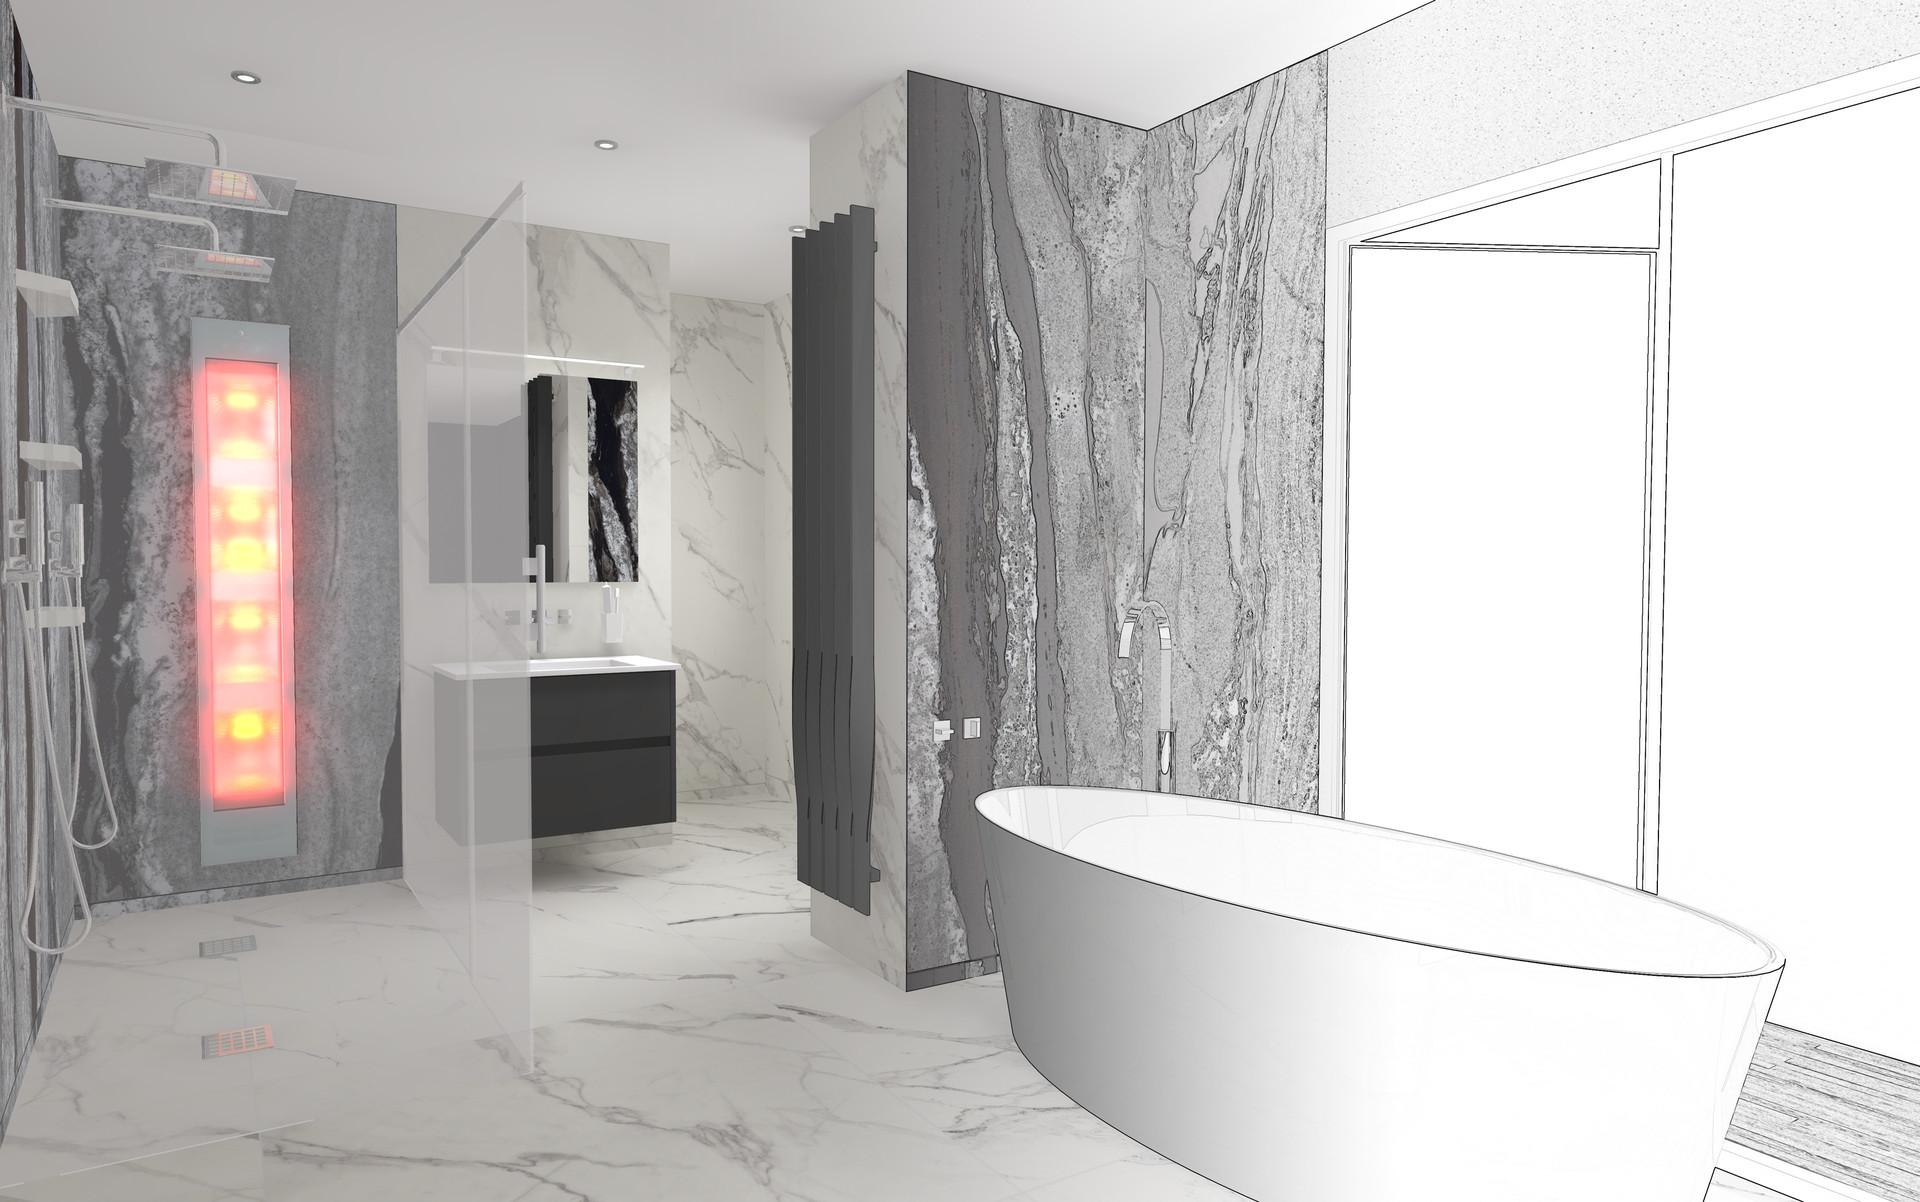 Lukas kedden cook bathroom sketch 1 & Lukas Kedden - Modern Marble Bathroom